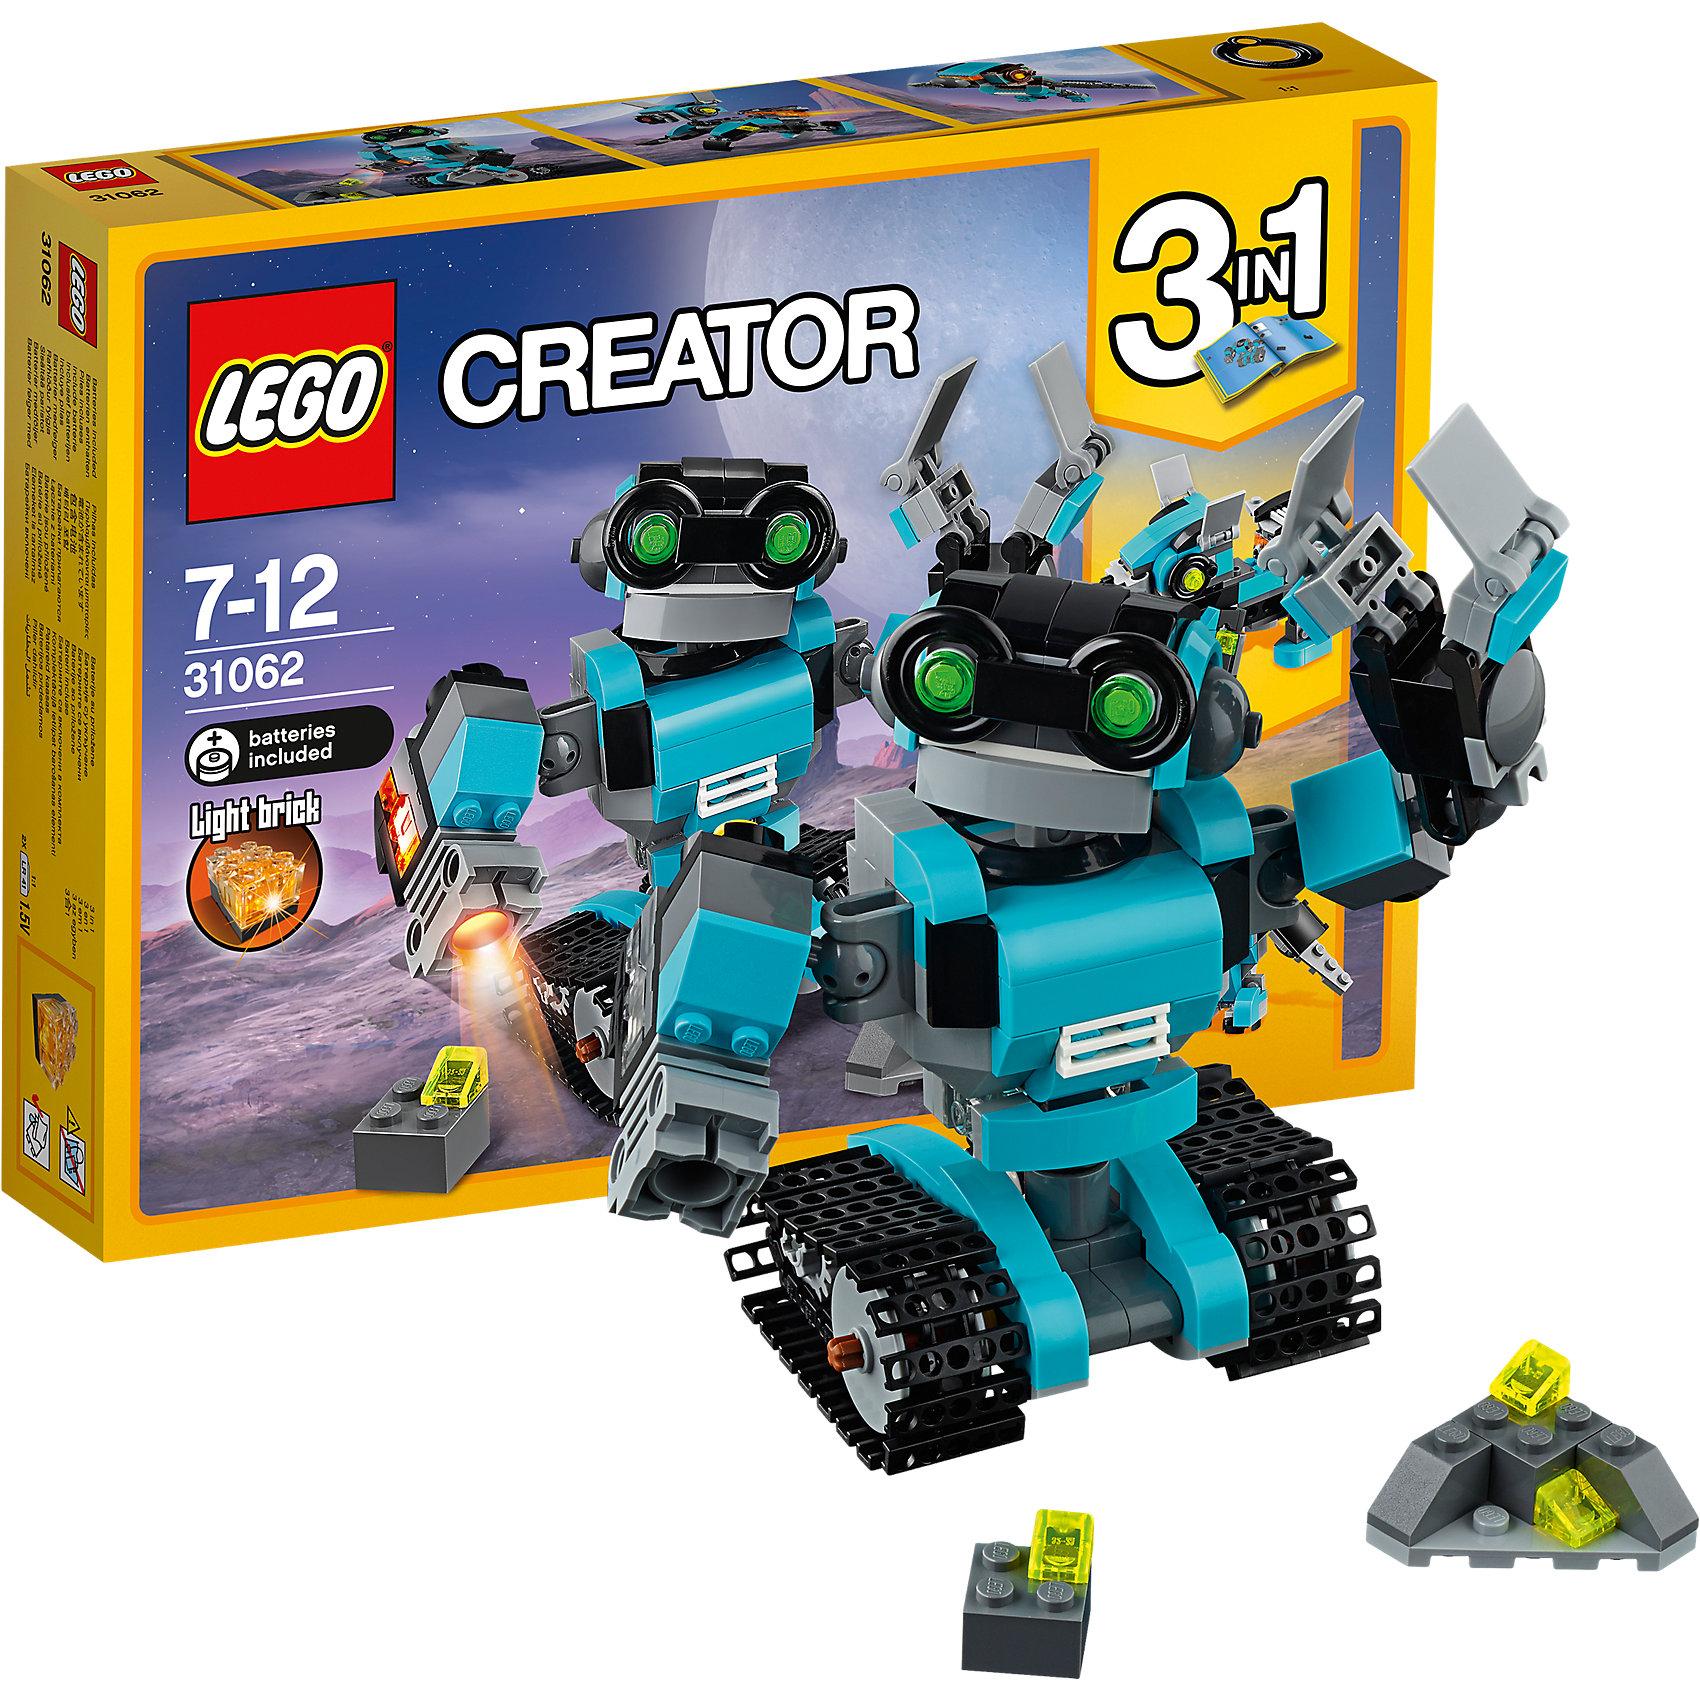 LEGO Creator 31062: Робот-исследовательКонструкторы Лего<br>LEGO Creator 31062: Робот-исследователь<br><br>Характеристики:<br><br>- в набор входит: детали для робота, элементы питания, красочная инструкция<br>- состав: пластик<br>- количество деталей: 205<br>- элементы питания: батарейки<br>- высота робота-исследователя: 11 см.<br>- высота робота-собаки: 7 см.<br>- высота робота-птицы: 8 см.<br>- для детей в возрасте: от 7 до 12 лет<br>- Страна производитель: Дания/Китай/Чехия<br><br>Легендарный конструктор LEGO (ЛЕГО) представляет серию «Creator» (Криэйтор), которая позволяет детям экспериментировать с домами, машинами, самолетами и существами. Каждый набор этой серии подразумевает перестройку тремя разными способами убирая ограничения веселья! Набор Робот-исследователь понравится юным любителям техники, роботов и технологий, ведь с ним вы можете устроить свое уникальное исследование. В набор входит специальная светящаяся деталь ЛЕГО, в которой уже находятся элементы питания. Робот-исследователь освещает неизведанные участки с помощью этой детали. Робот двигается на специальных гусеницах построенных их ЛЕГО деталей, его руки на шарнирах и могут двигаться по все стороны, кисть с пальцами тоже двигается, пальцы сжимаются, чтобы можно было поднимать ею объекты исследования. Исследователя можно перестроить в робота-собаку со светящимся рюкзаком для полетов или в робота-птицу с подвижными крыльями и светящимися глазами. Играя с конструктором ребенок развивает моторику рук, воображение и логическое мышление, научится собирать по инструкции и создавать свои модели. Придумывайте новые игры с набором LEGO «Creator»!<br><br>Конструктор LEGO Creator 31062: Робот-исследователь можно купить в нашем интернет-магазине.<br><br>Ширина мм: 265<br>Глубина мм: 189<br>Высота мм: 51<br>Вес г: 304<br>Возраст от месяцев: 84<br>Возраст до месяцев: 144<br>Пол: Мужской<br>Возраст: Детский<br>SKU: 5002499